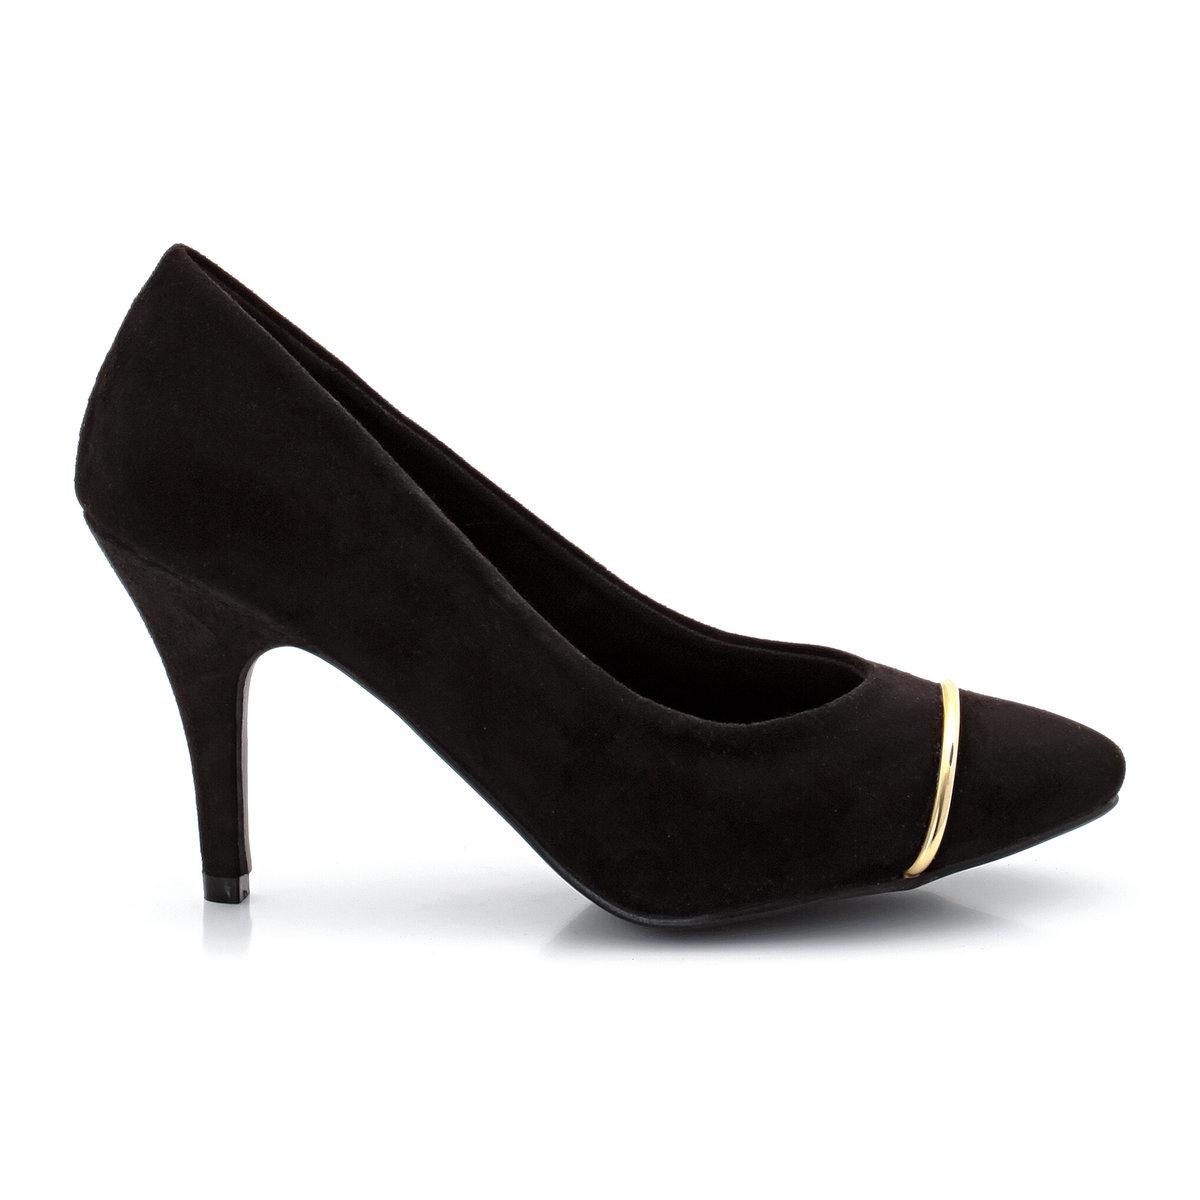 Туфли с острым мысомTaillissime, туфли от 38 до 45 размера по одной цене!Верх: искусственная замша. Подкладка: текстиль. Стелька: кожа на пористой основе. Подошва: эластомер. Каблук: обтянут искусственной замшей, высотой 9 см. Плюс модели: золотистая вставка спереди и тонкий каблук для женственного образа.<br><br>Цвет: черный